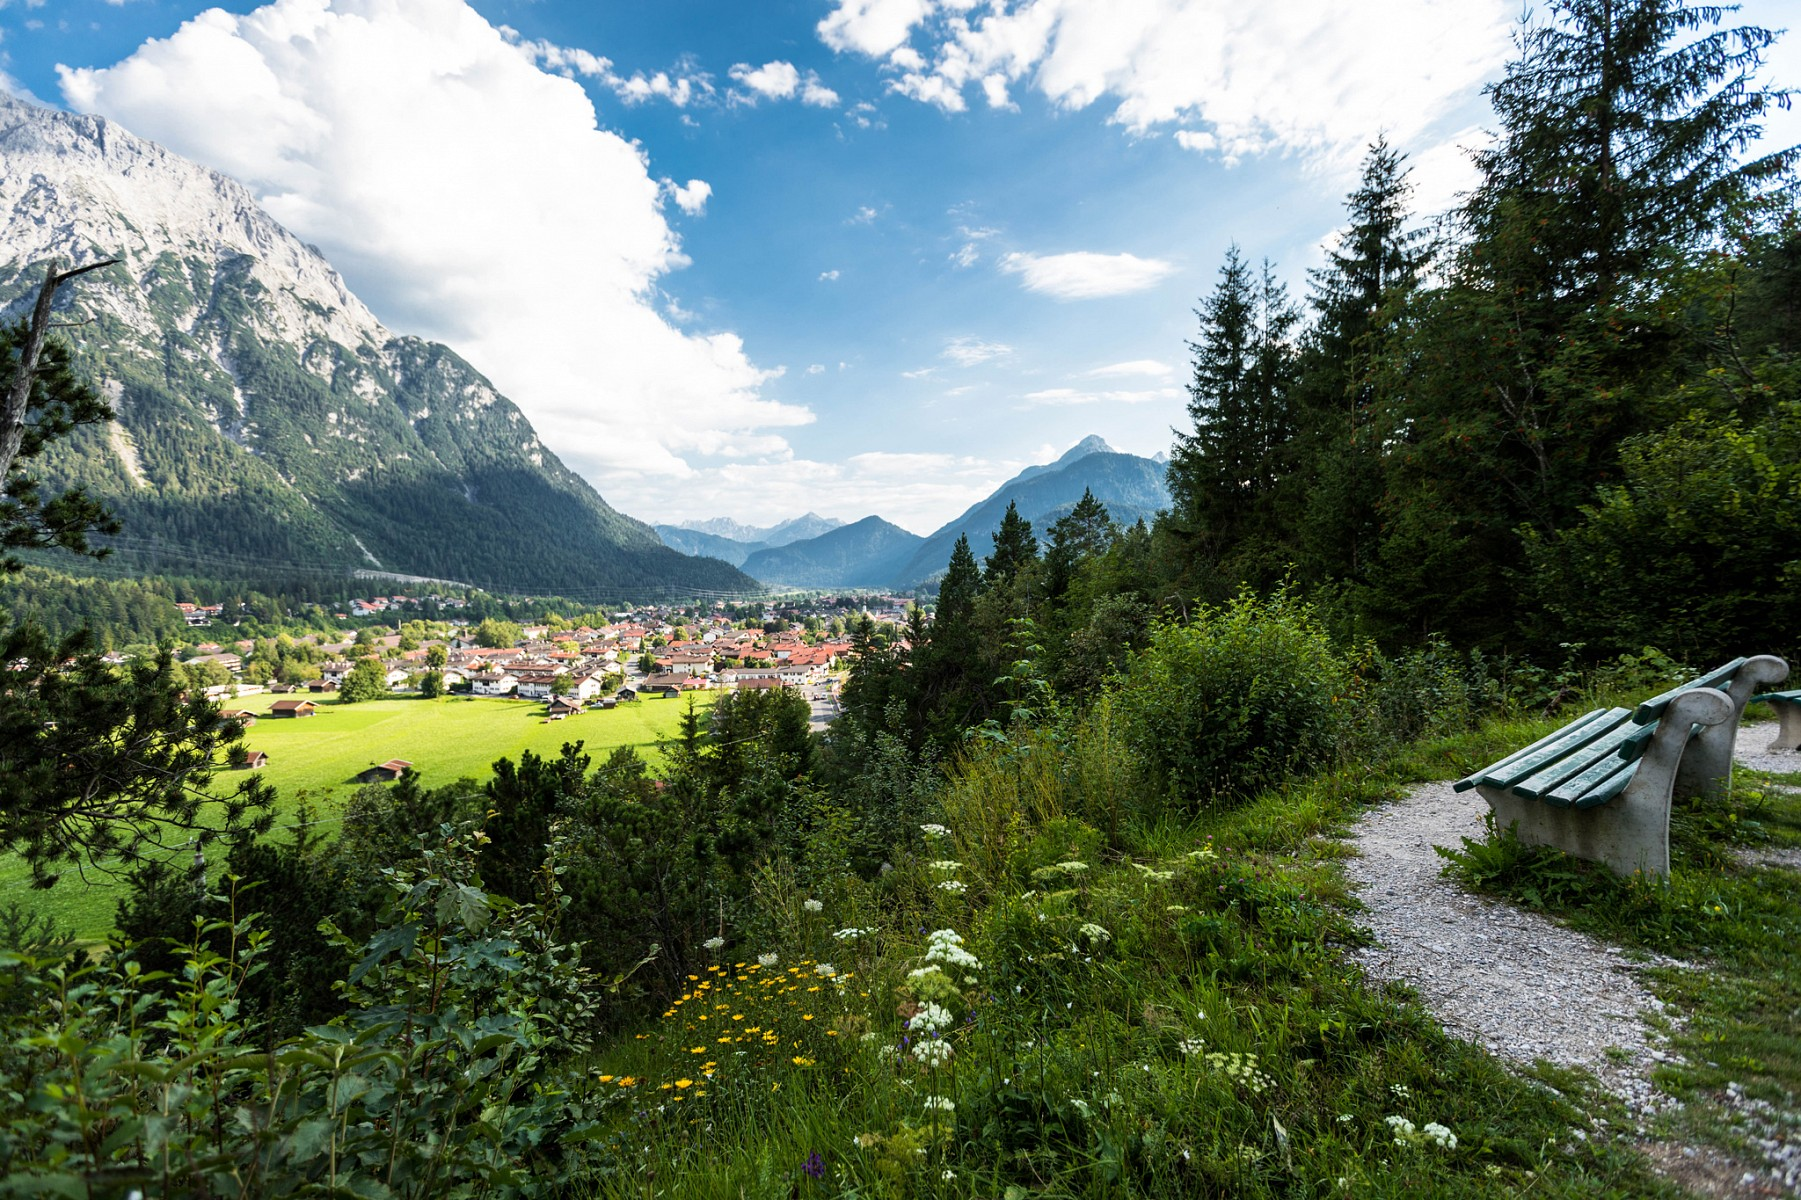 pNach-einem-anstrengenden-Tag-ist-ein-weiteres-Etappenziel-erreicht-Der-Geigenbauort-Mittenwald-Ab-hier-geht-es-parallel-zur-oumlsterreichischen-Grenze-weiter-Richtung-Zugspitzep